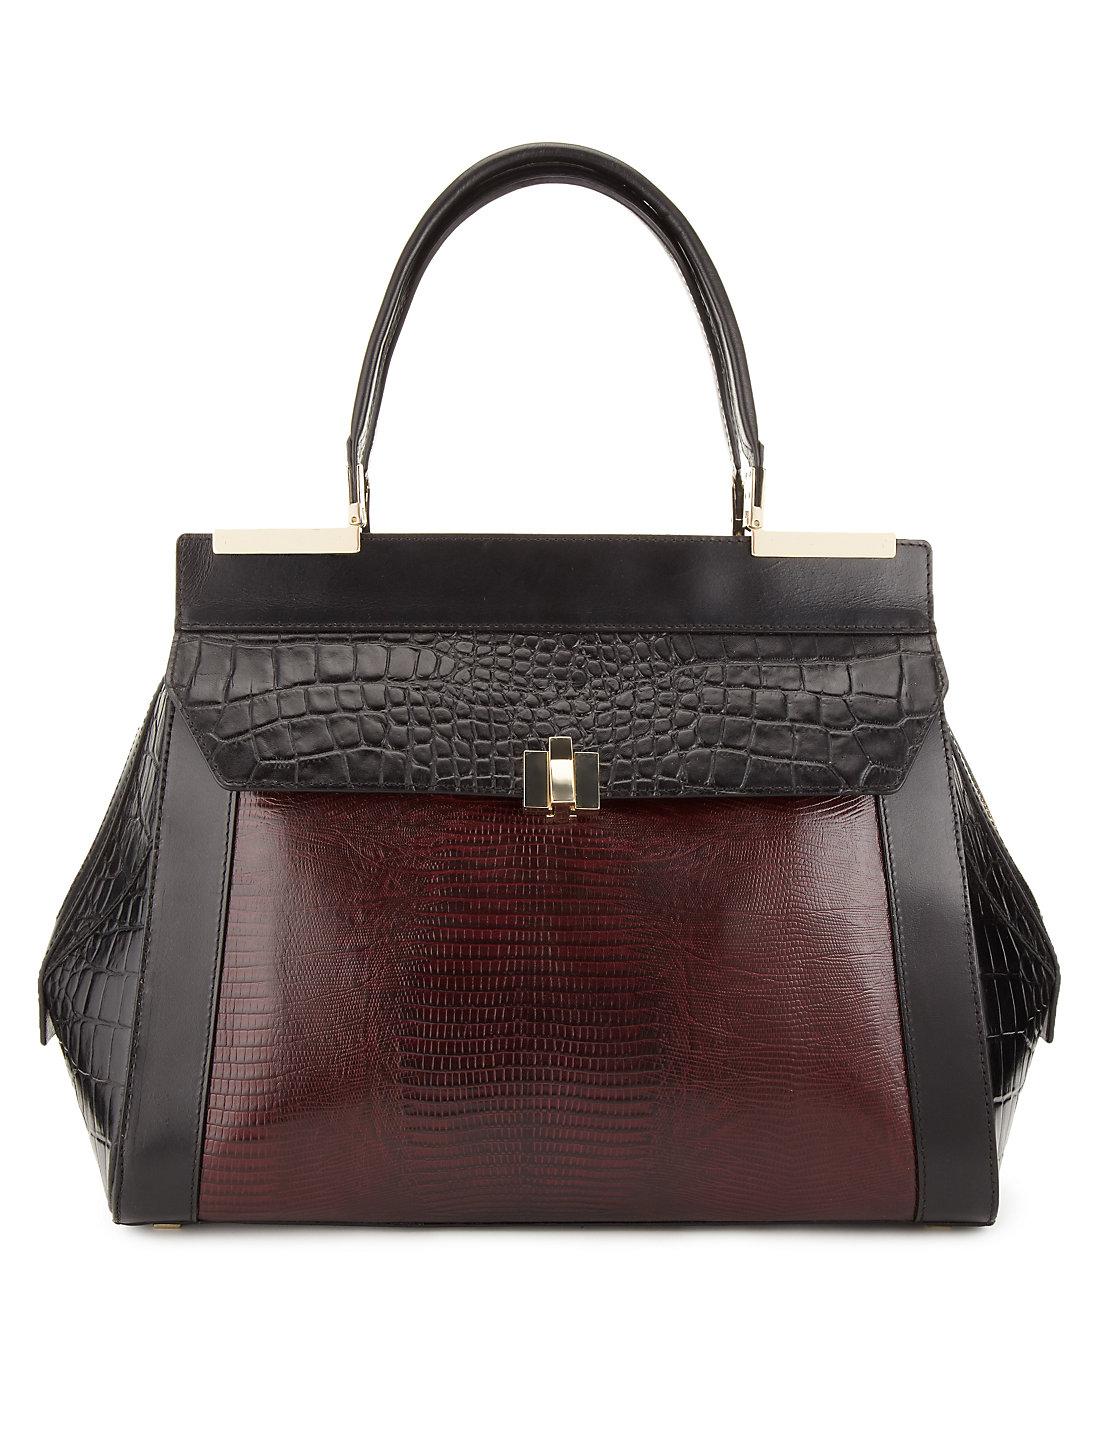 Black leather bag marks and spencer